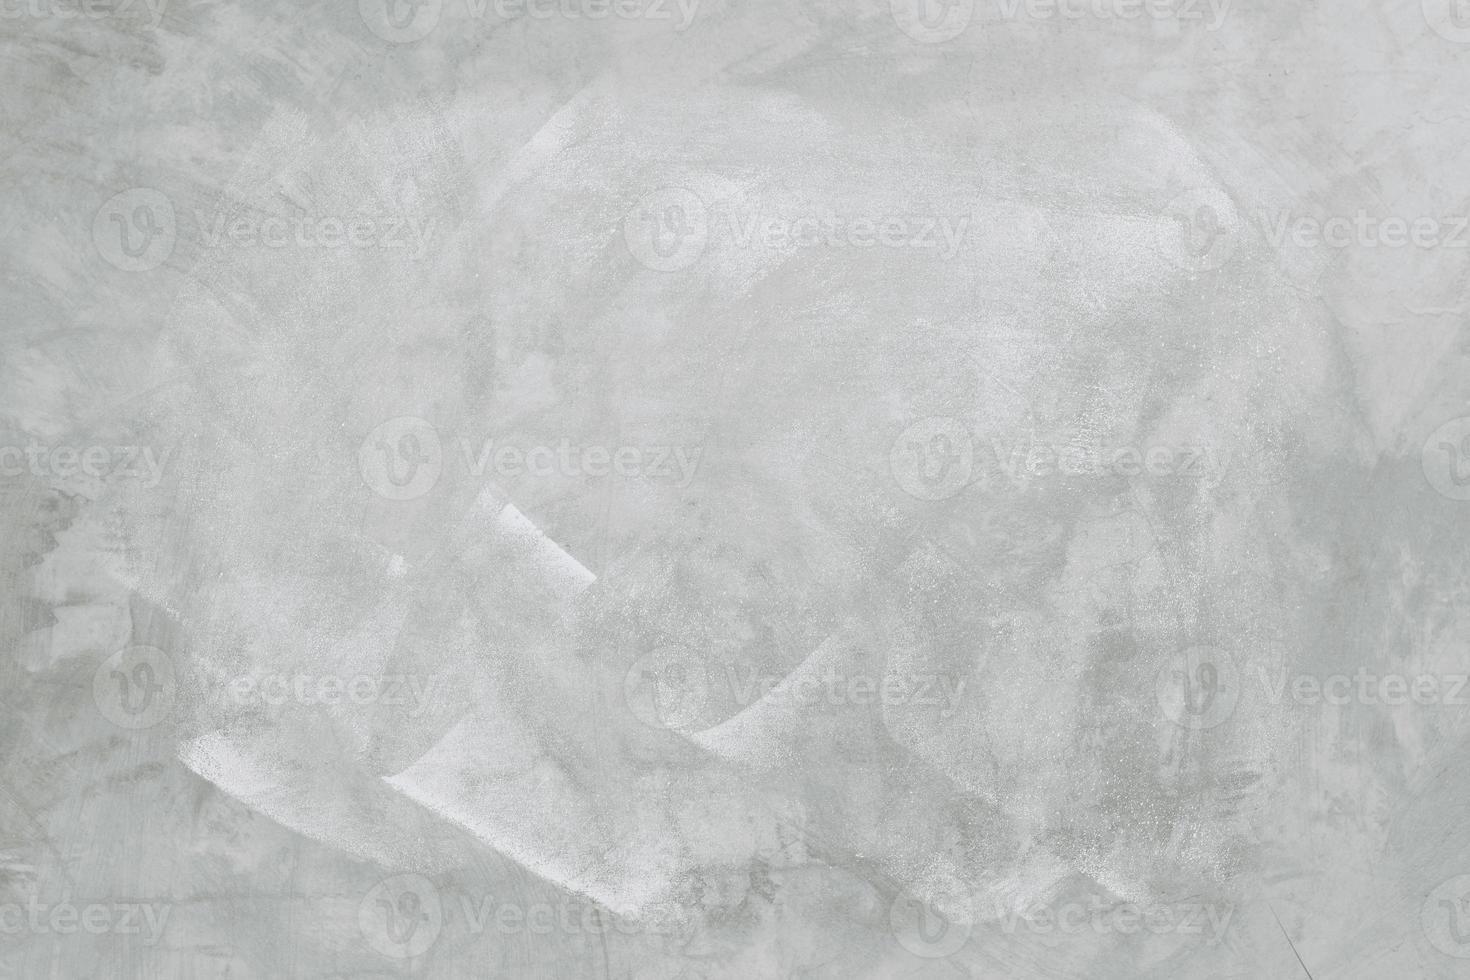 fundo de textura de parede de cimento branco e cinza foto